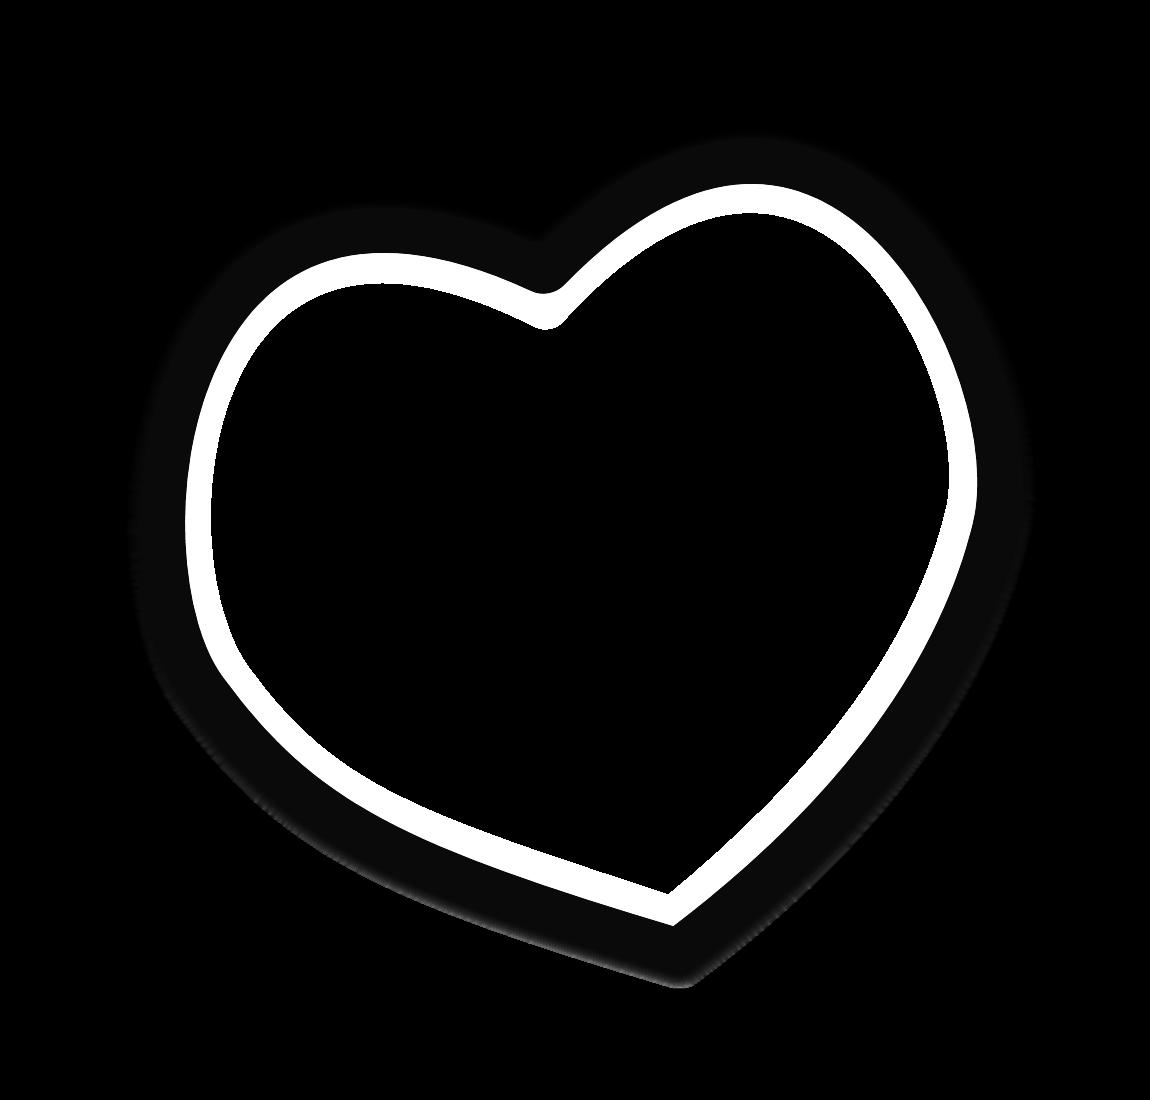 Clipart heart scrapbook. Frame clip art black